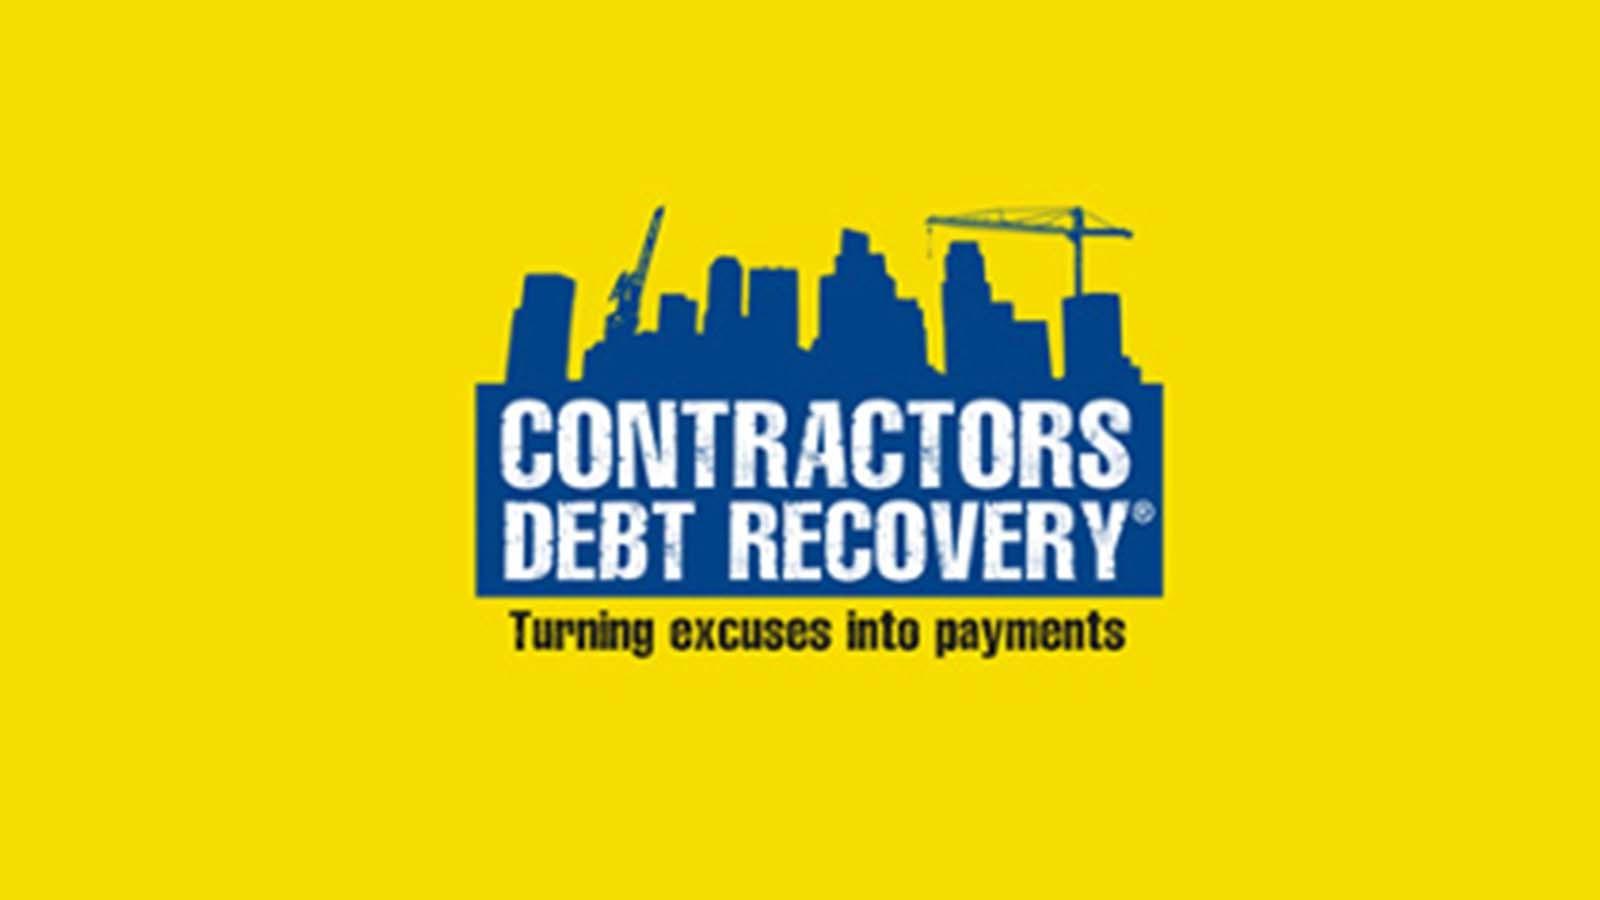 contractors-debt-recovery-banner